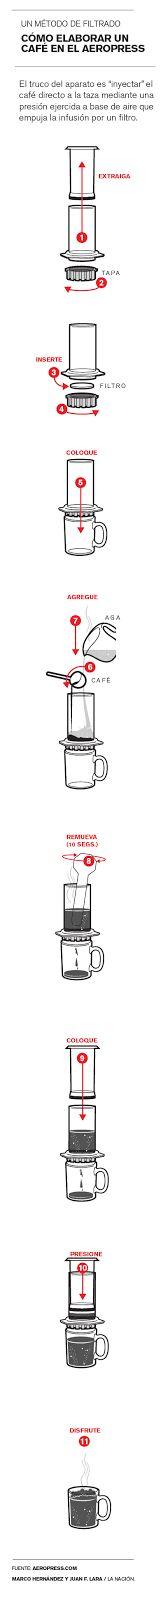 infografia de como hacer café con Aeropress Marco Hernández